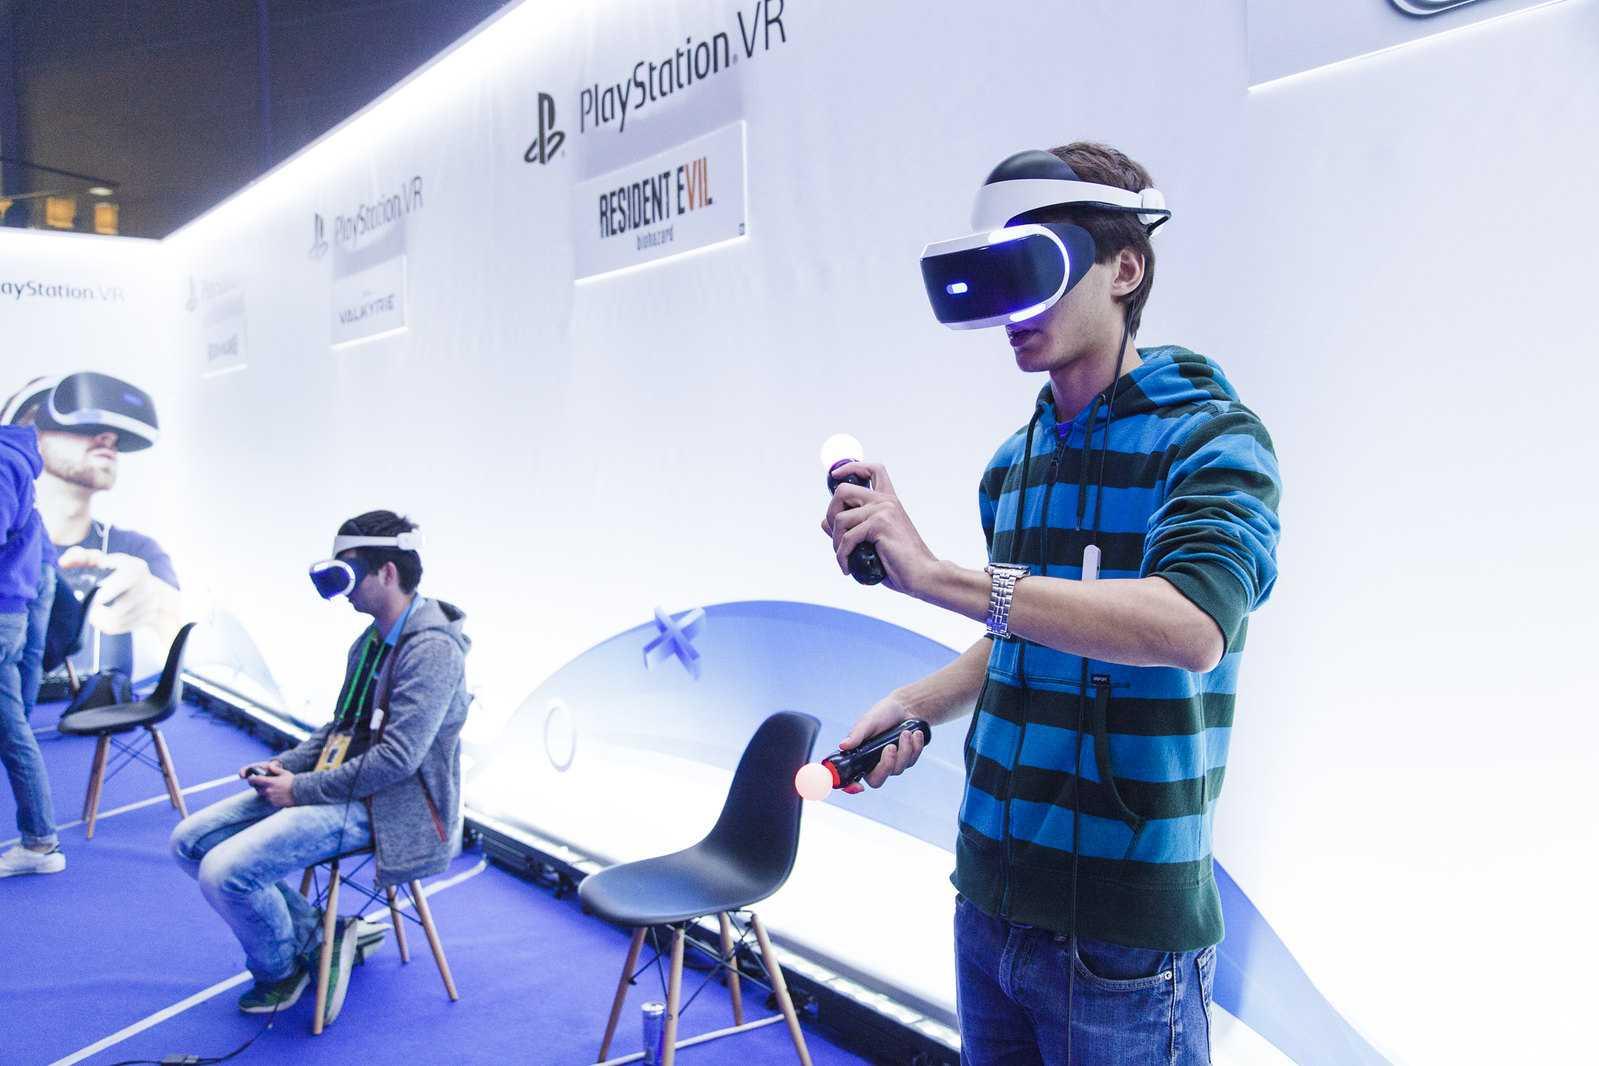 Playstation vr: возможности, характеристики, подключение и настройка. отличия 2-ой версии от 1-ой